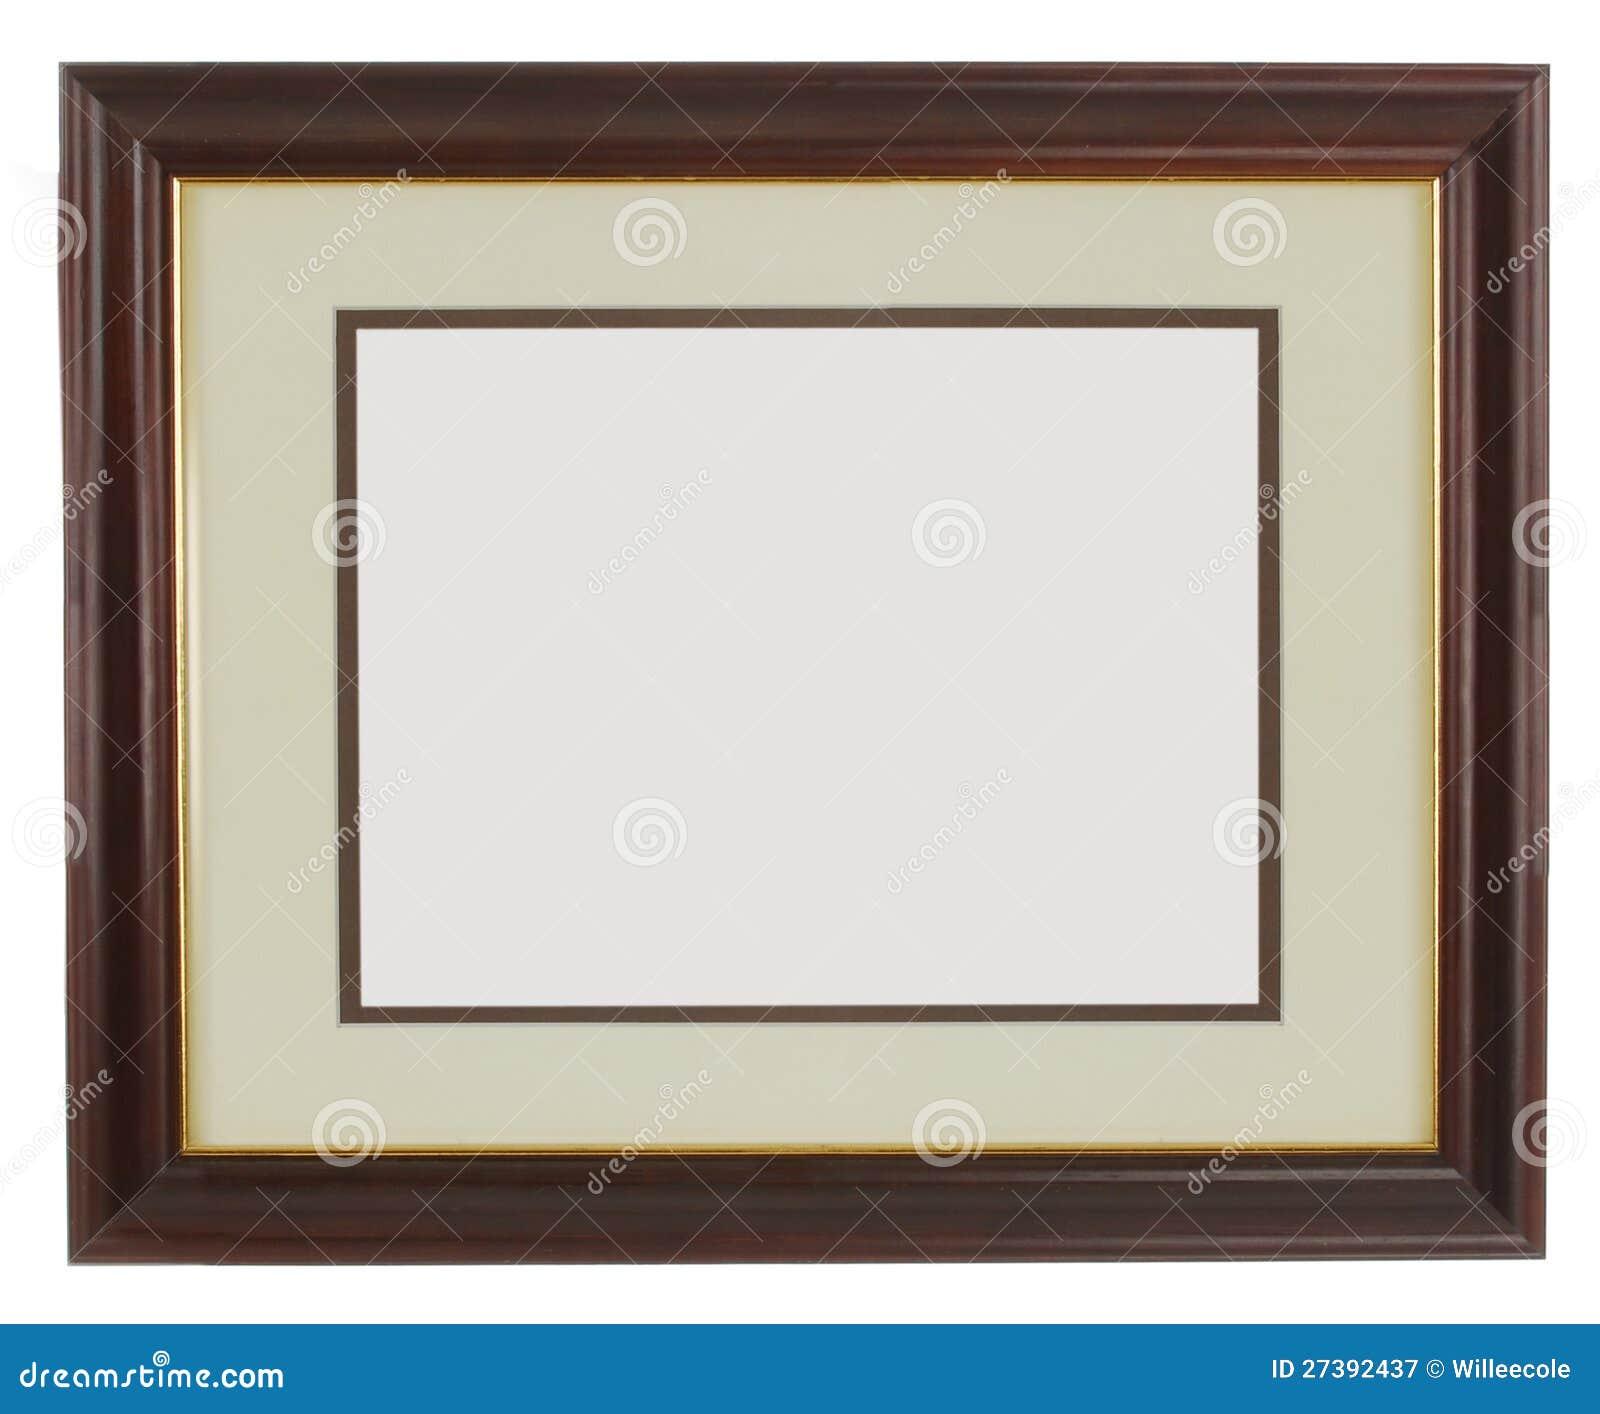 空白画框图片